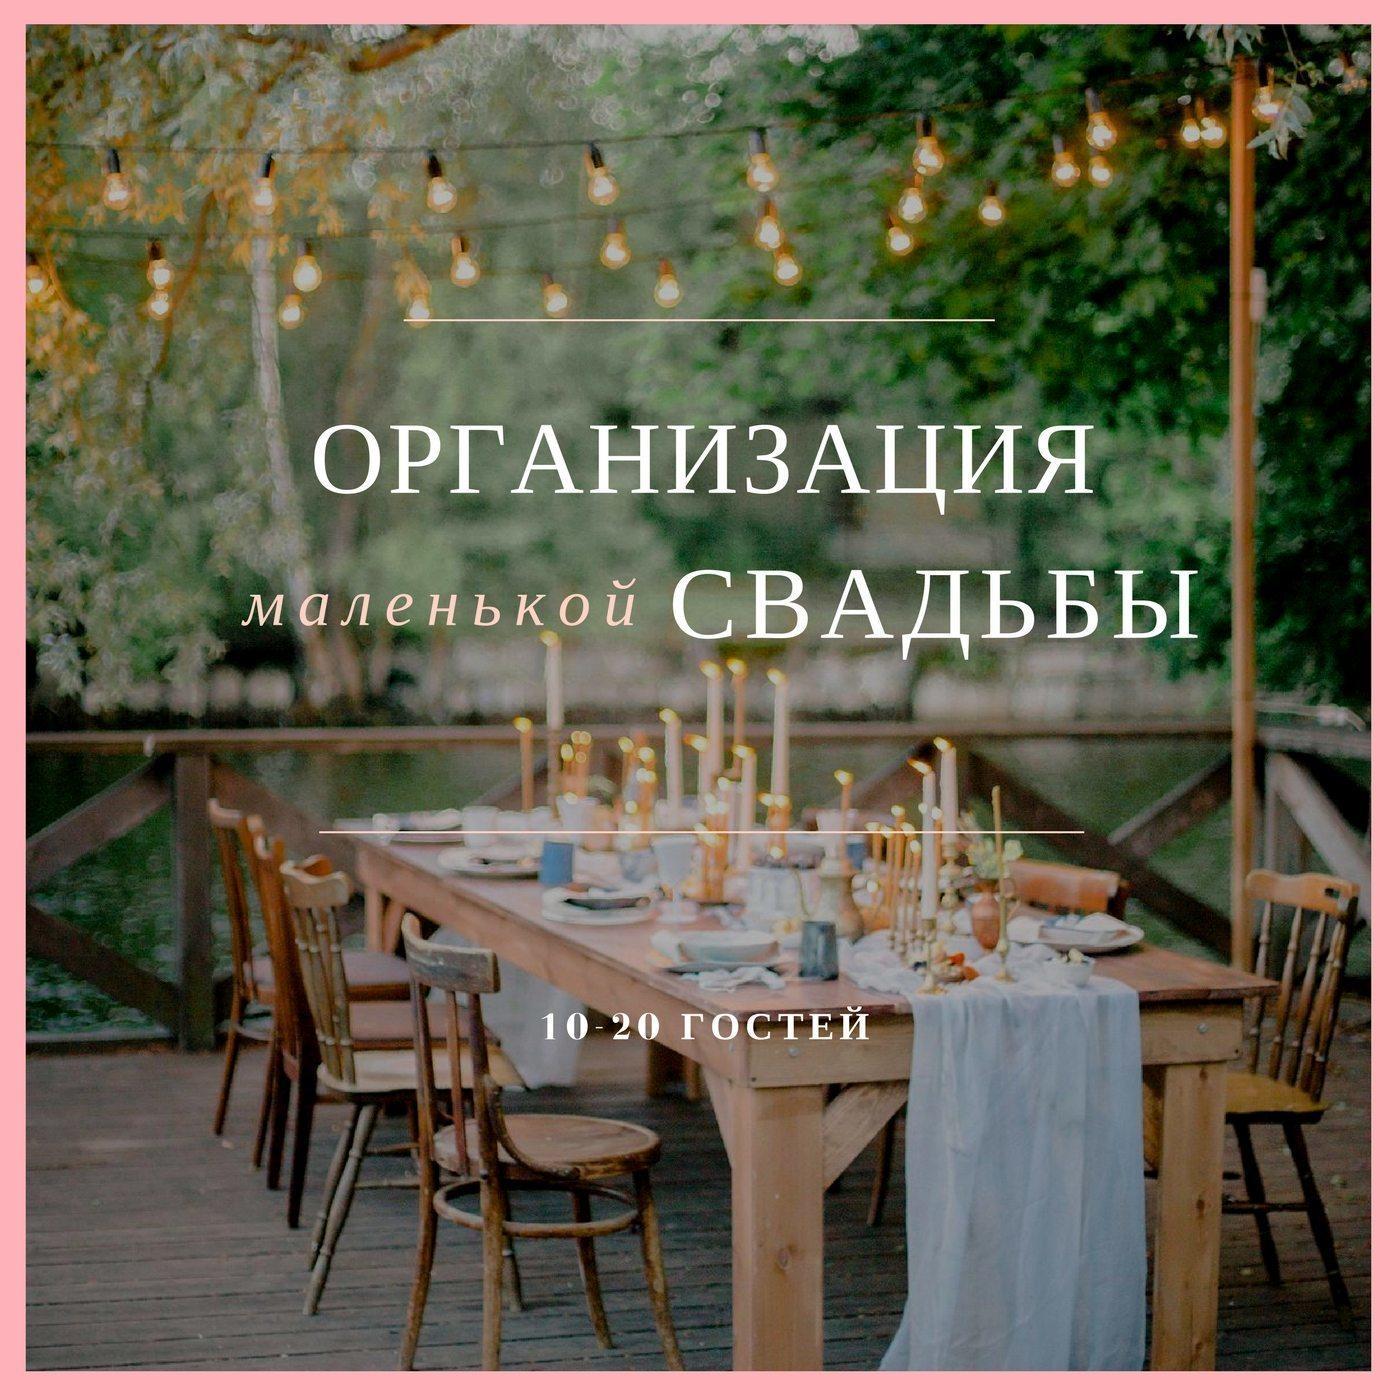 Секреты организации маленькой свадьбы: 10-20 гостей